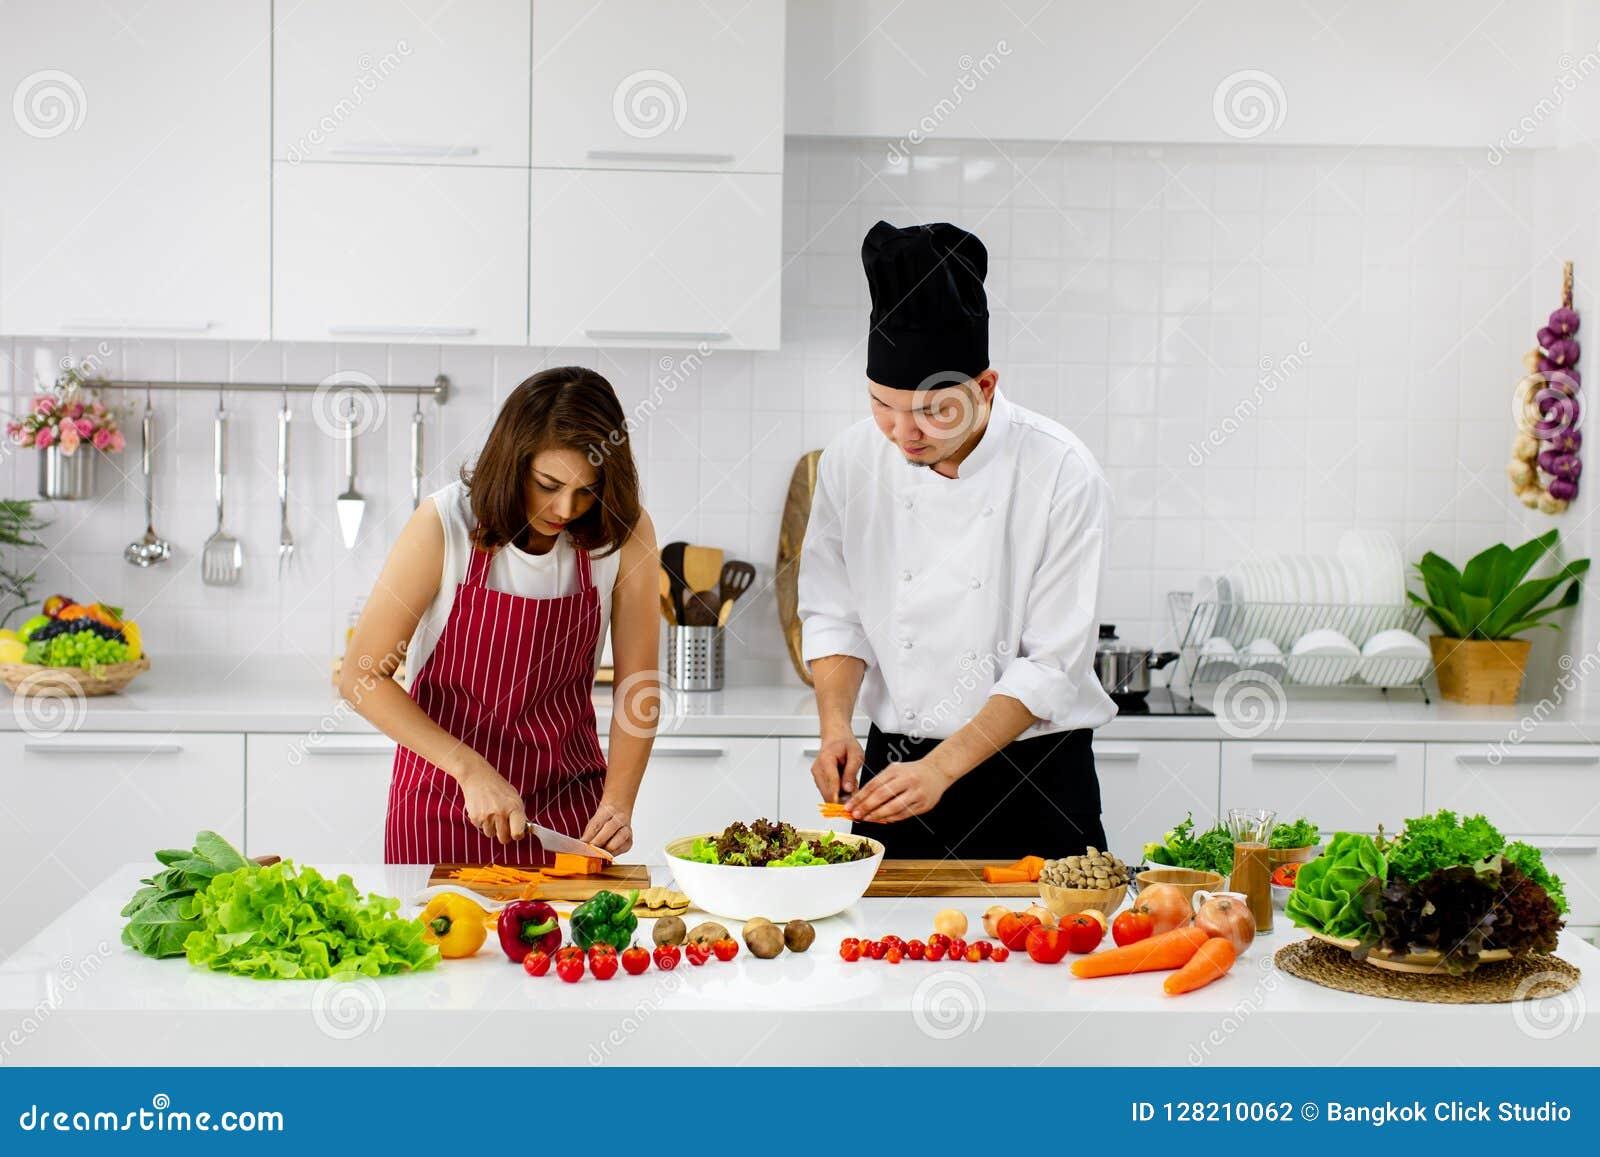 Όμορφη ασιατική γυναίκα στην κόκκινη ποδιά που μαθαίνει πώς να μαγειρεψει και να αναμίξει